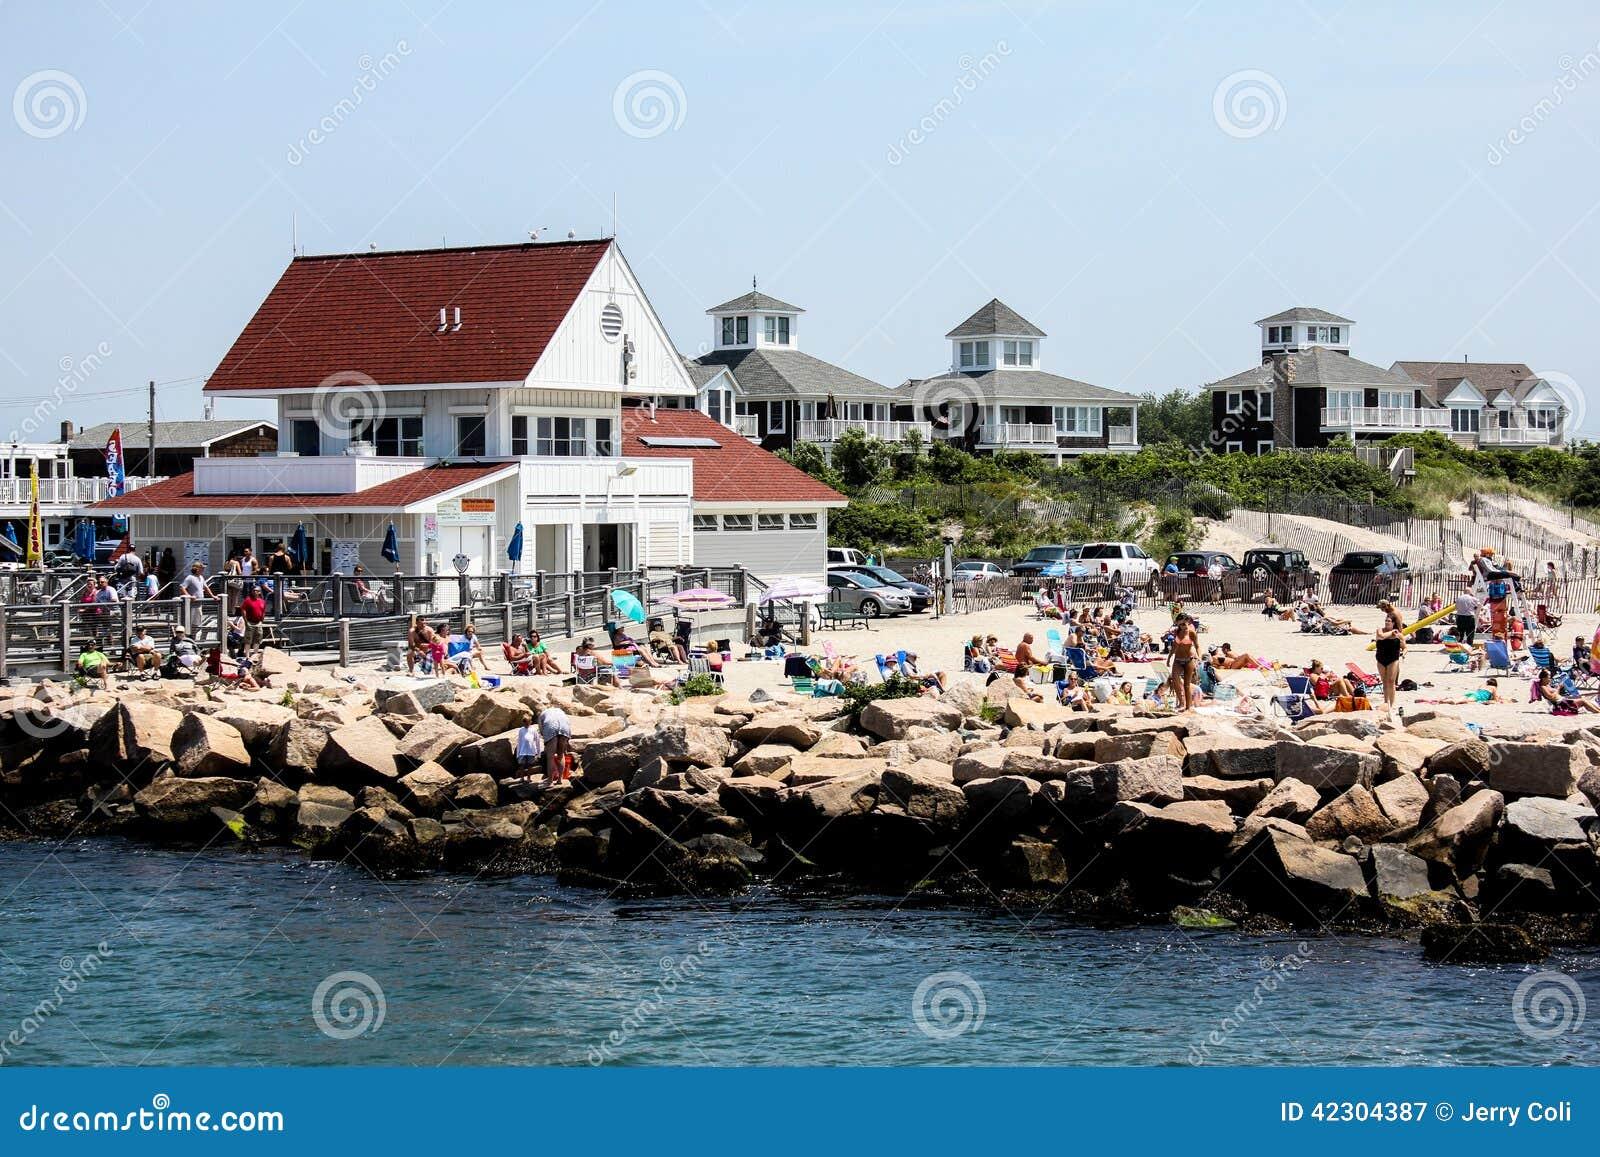 Sunshine Rhode Island